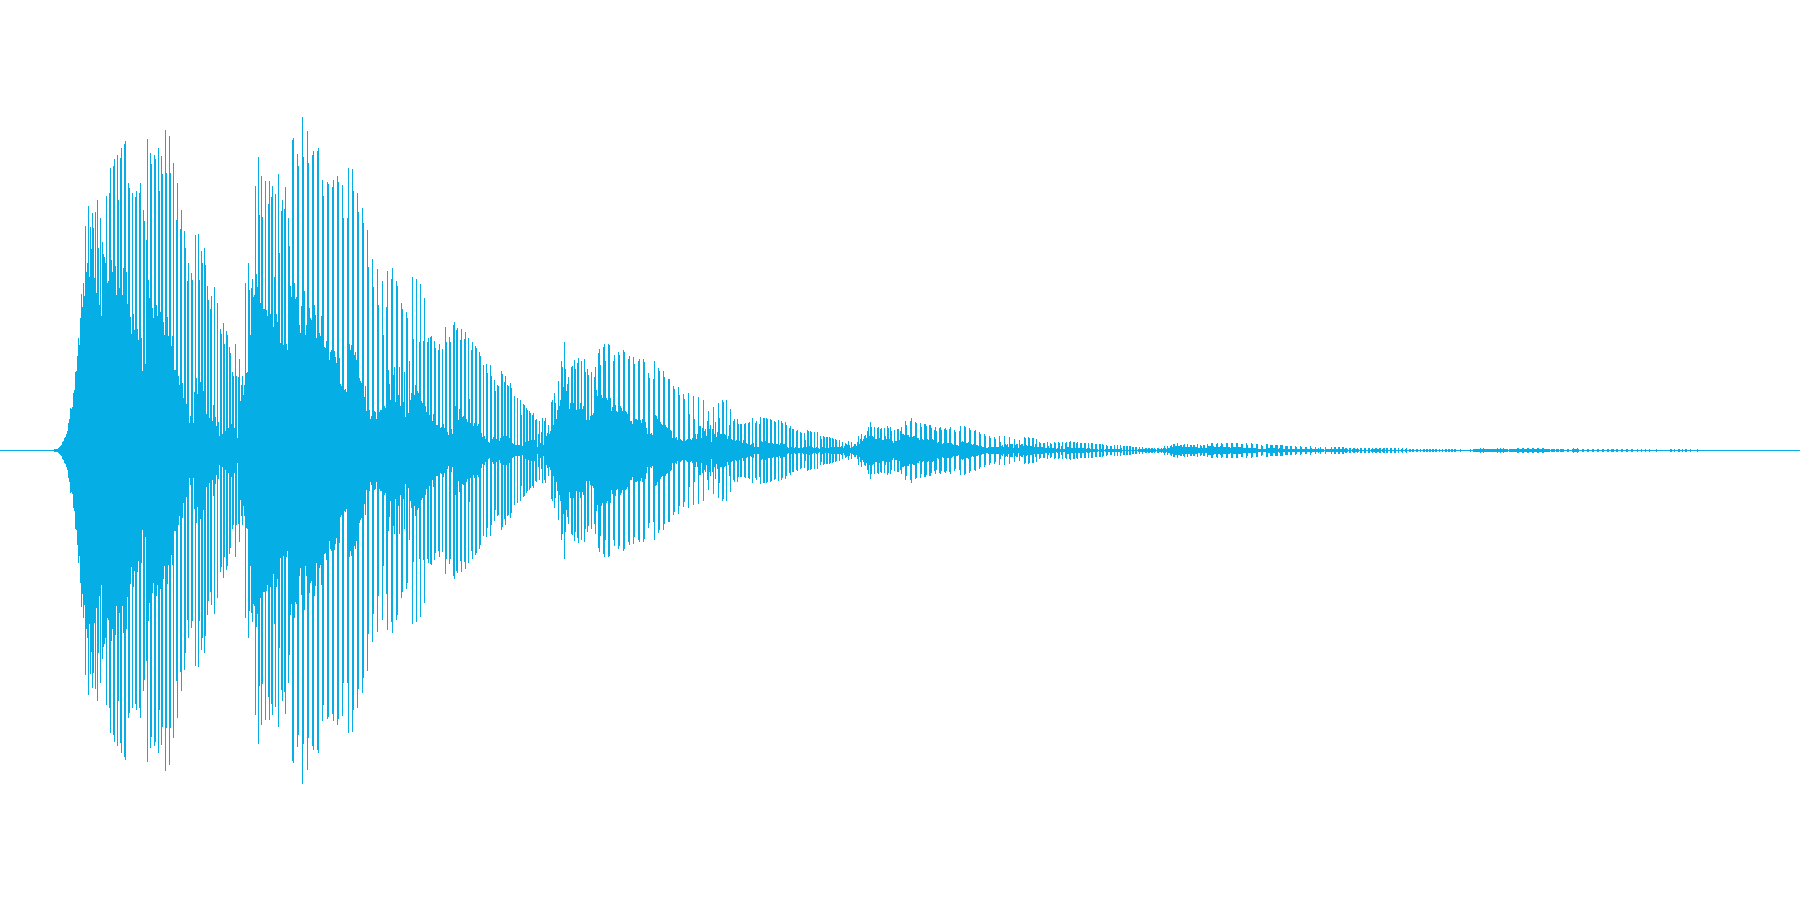 ファミコン風効果音 キャンセル系 07の再生済みの波形